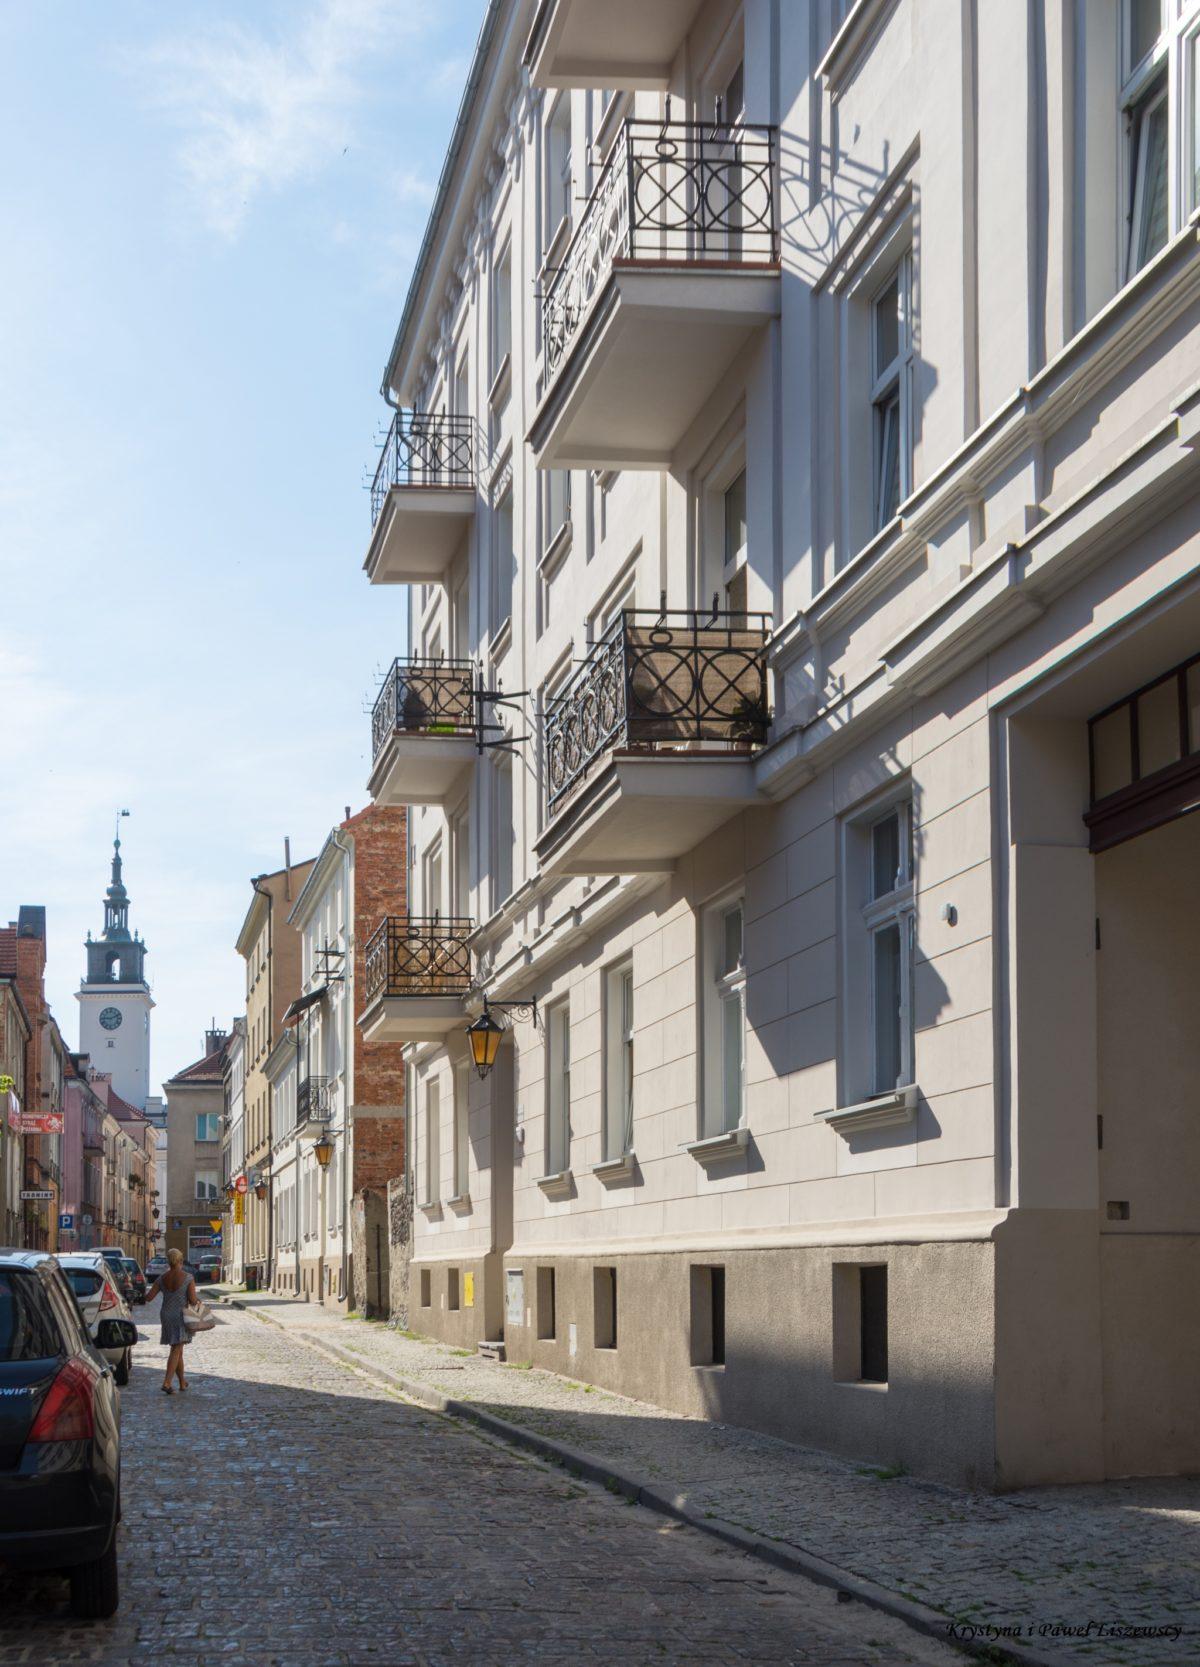 Piskorzewska w dawnej dzielnicy żydowskiej pięknieje – Przewodnik po starym Kaliszu